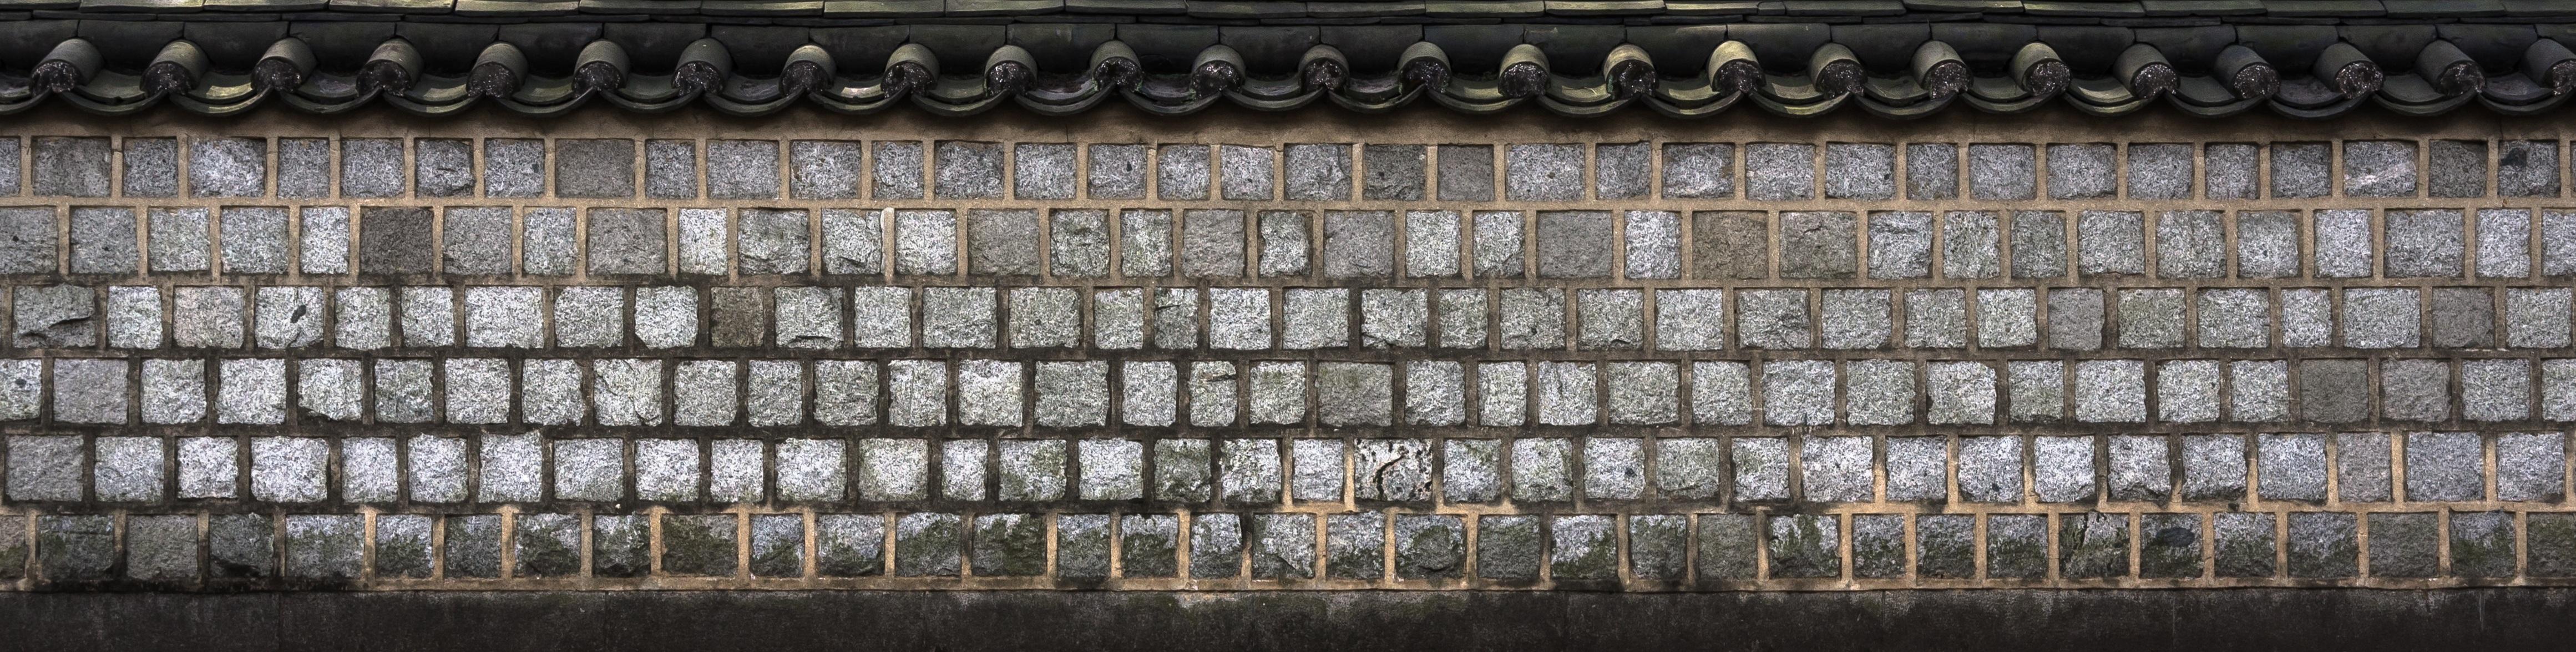 무료 이미지 목재 조직 내부 늙은 야생 구성 무늬 광장 돌담 벽돌 인테리어 디자인